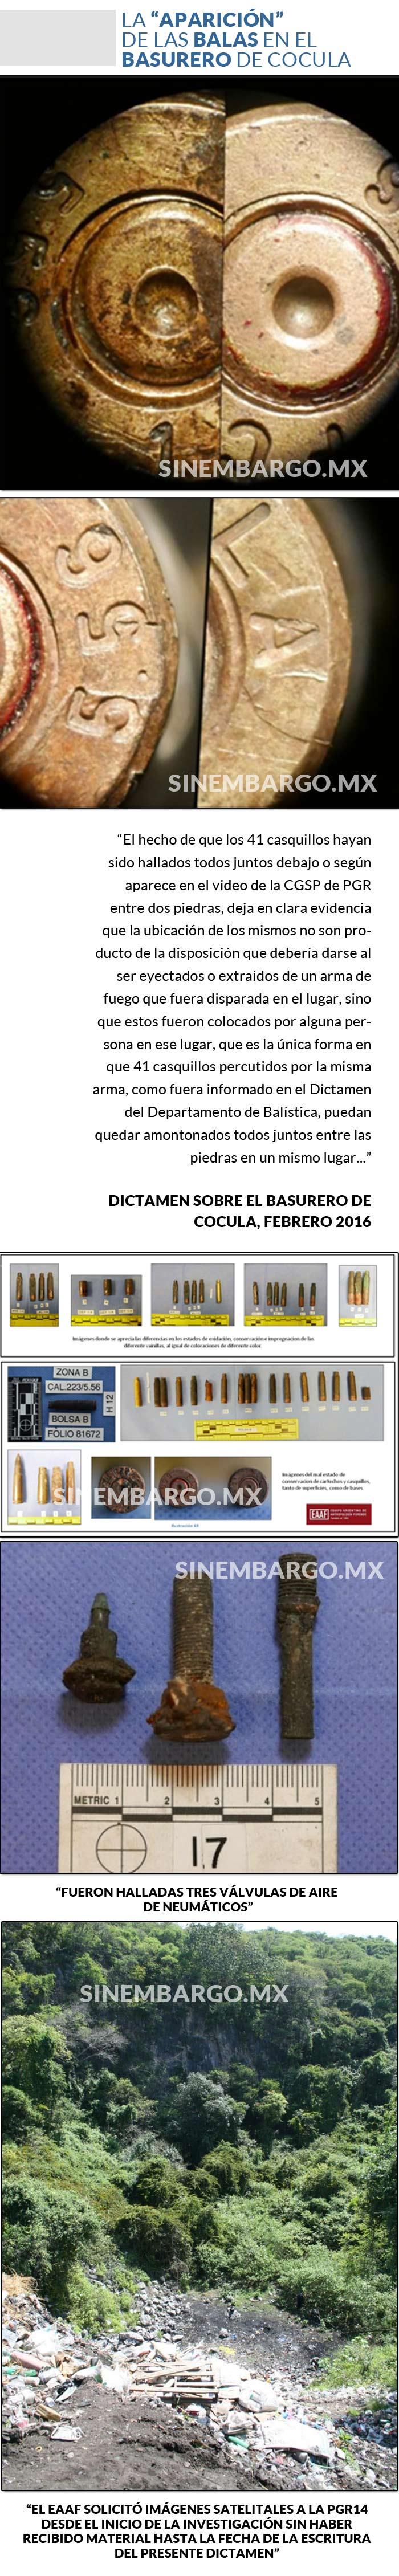 Los-43-balas-Cocula-3-700